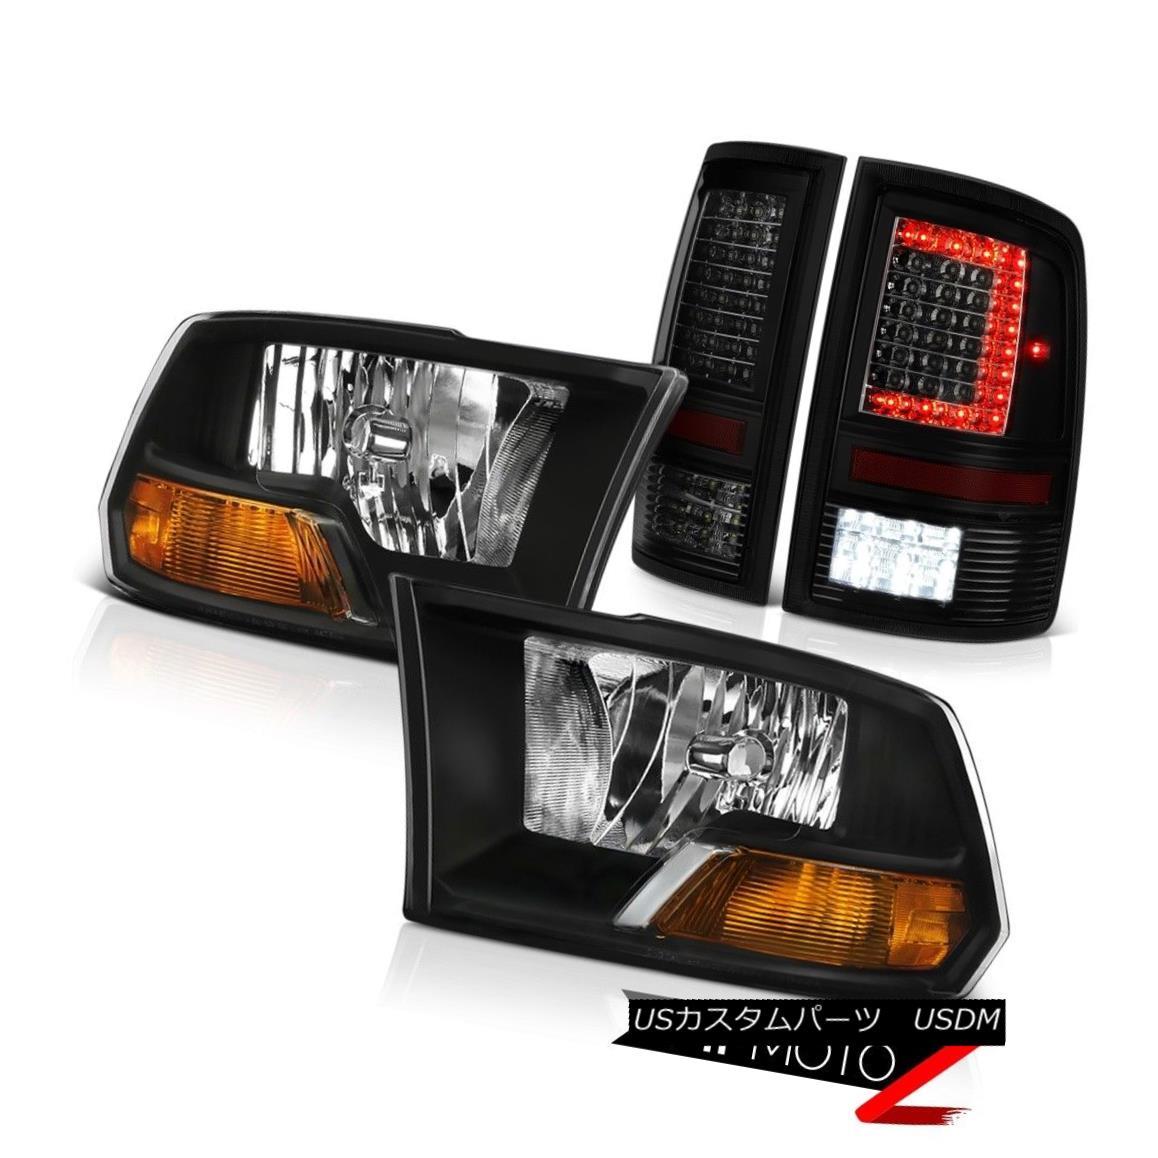 ヘッドライト 09-16 17 18 Dodge RAM 1500 2500 Dark Tinted Tail Lamp Factory Style Headlamps 09-16 17 18ダッジRAM 1500 2500ダークテールテールランプ工場スタイルヘッドランプ